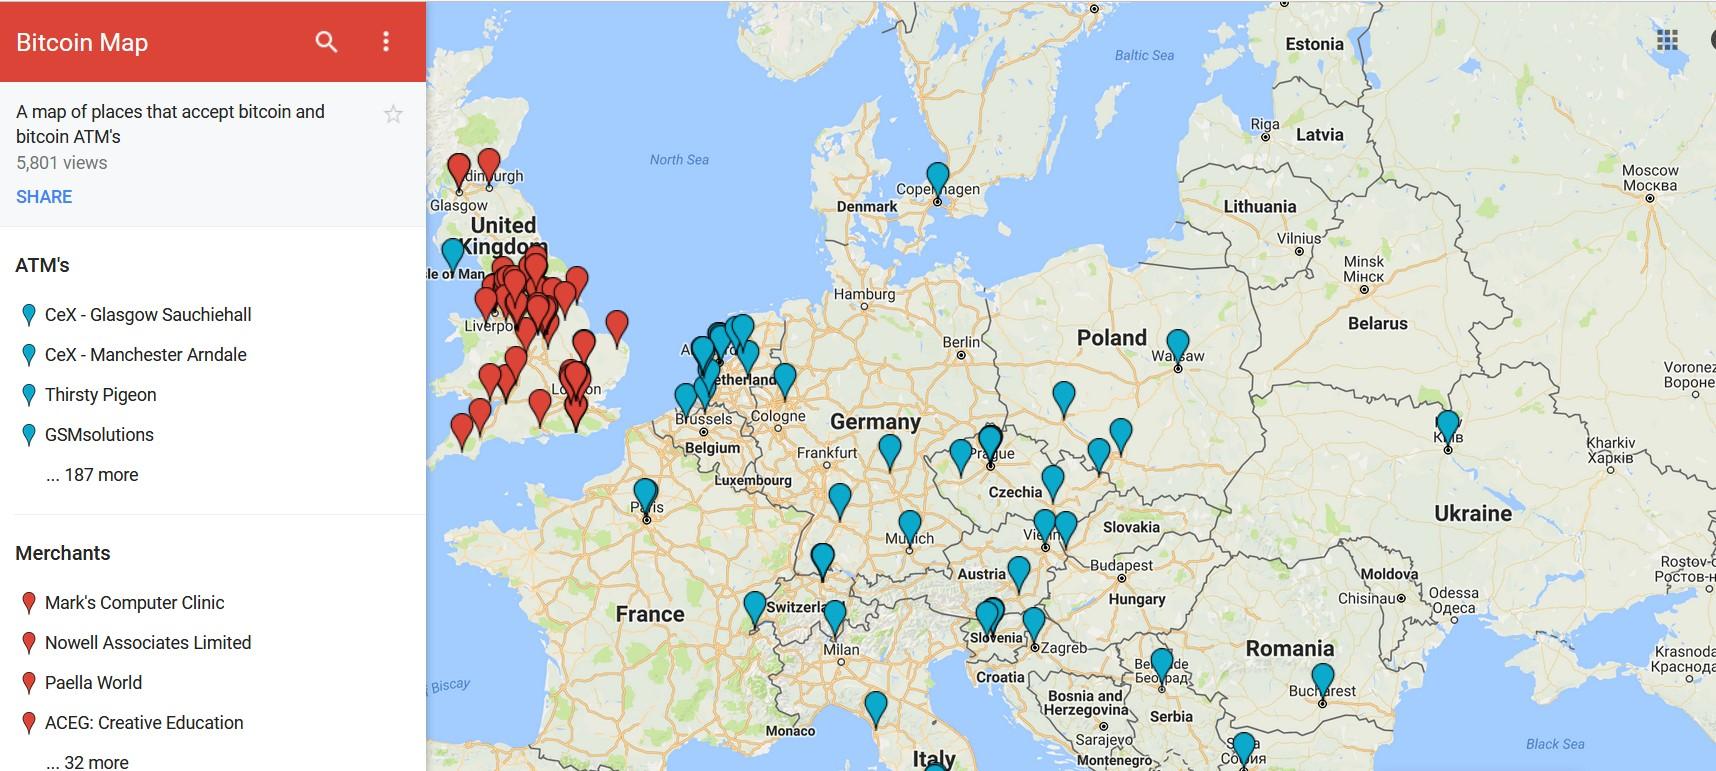 Карта биткоина от Google